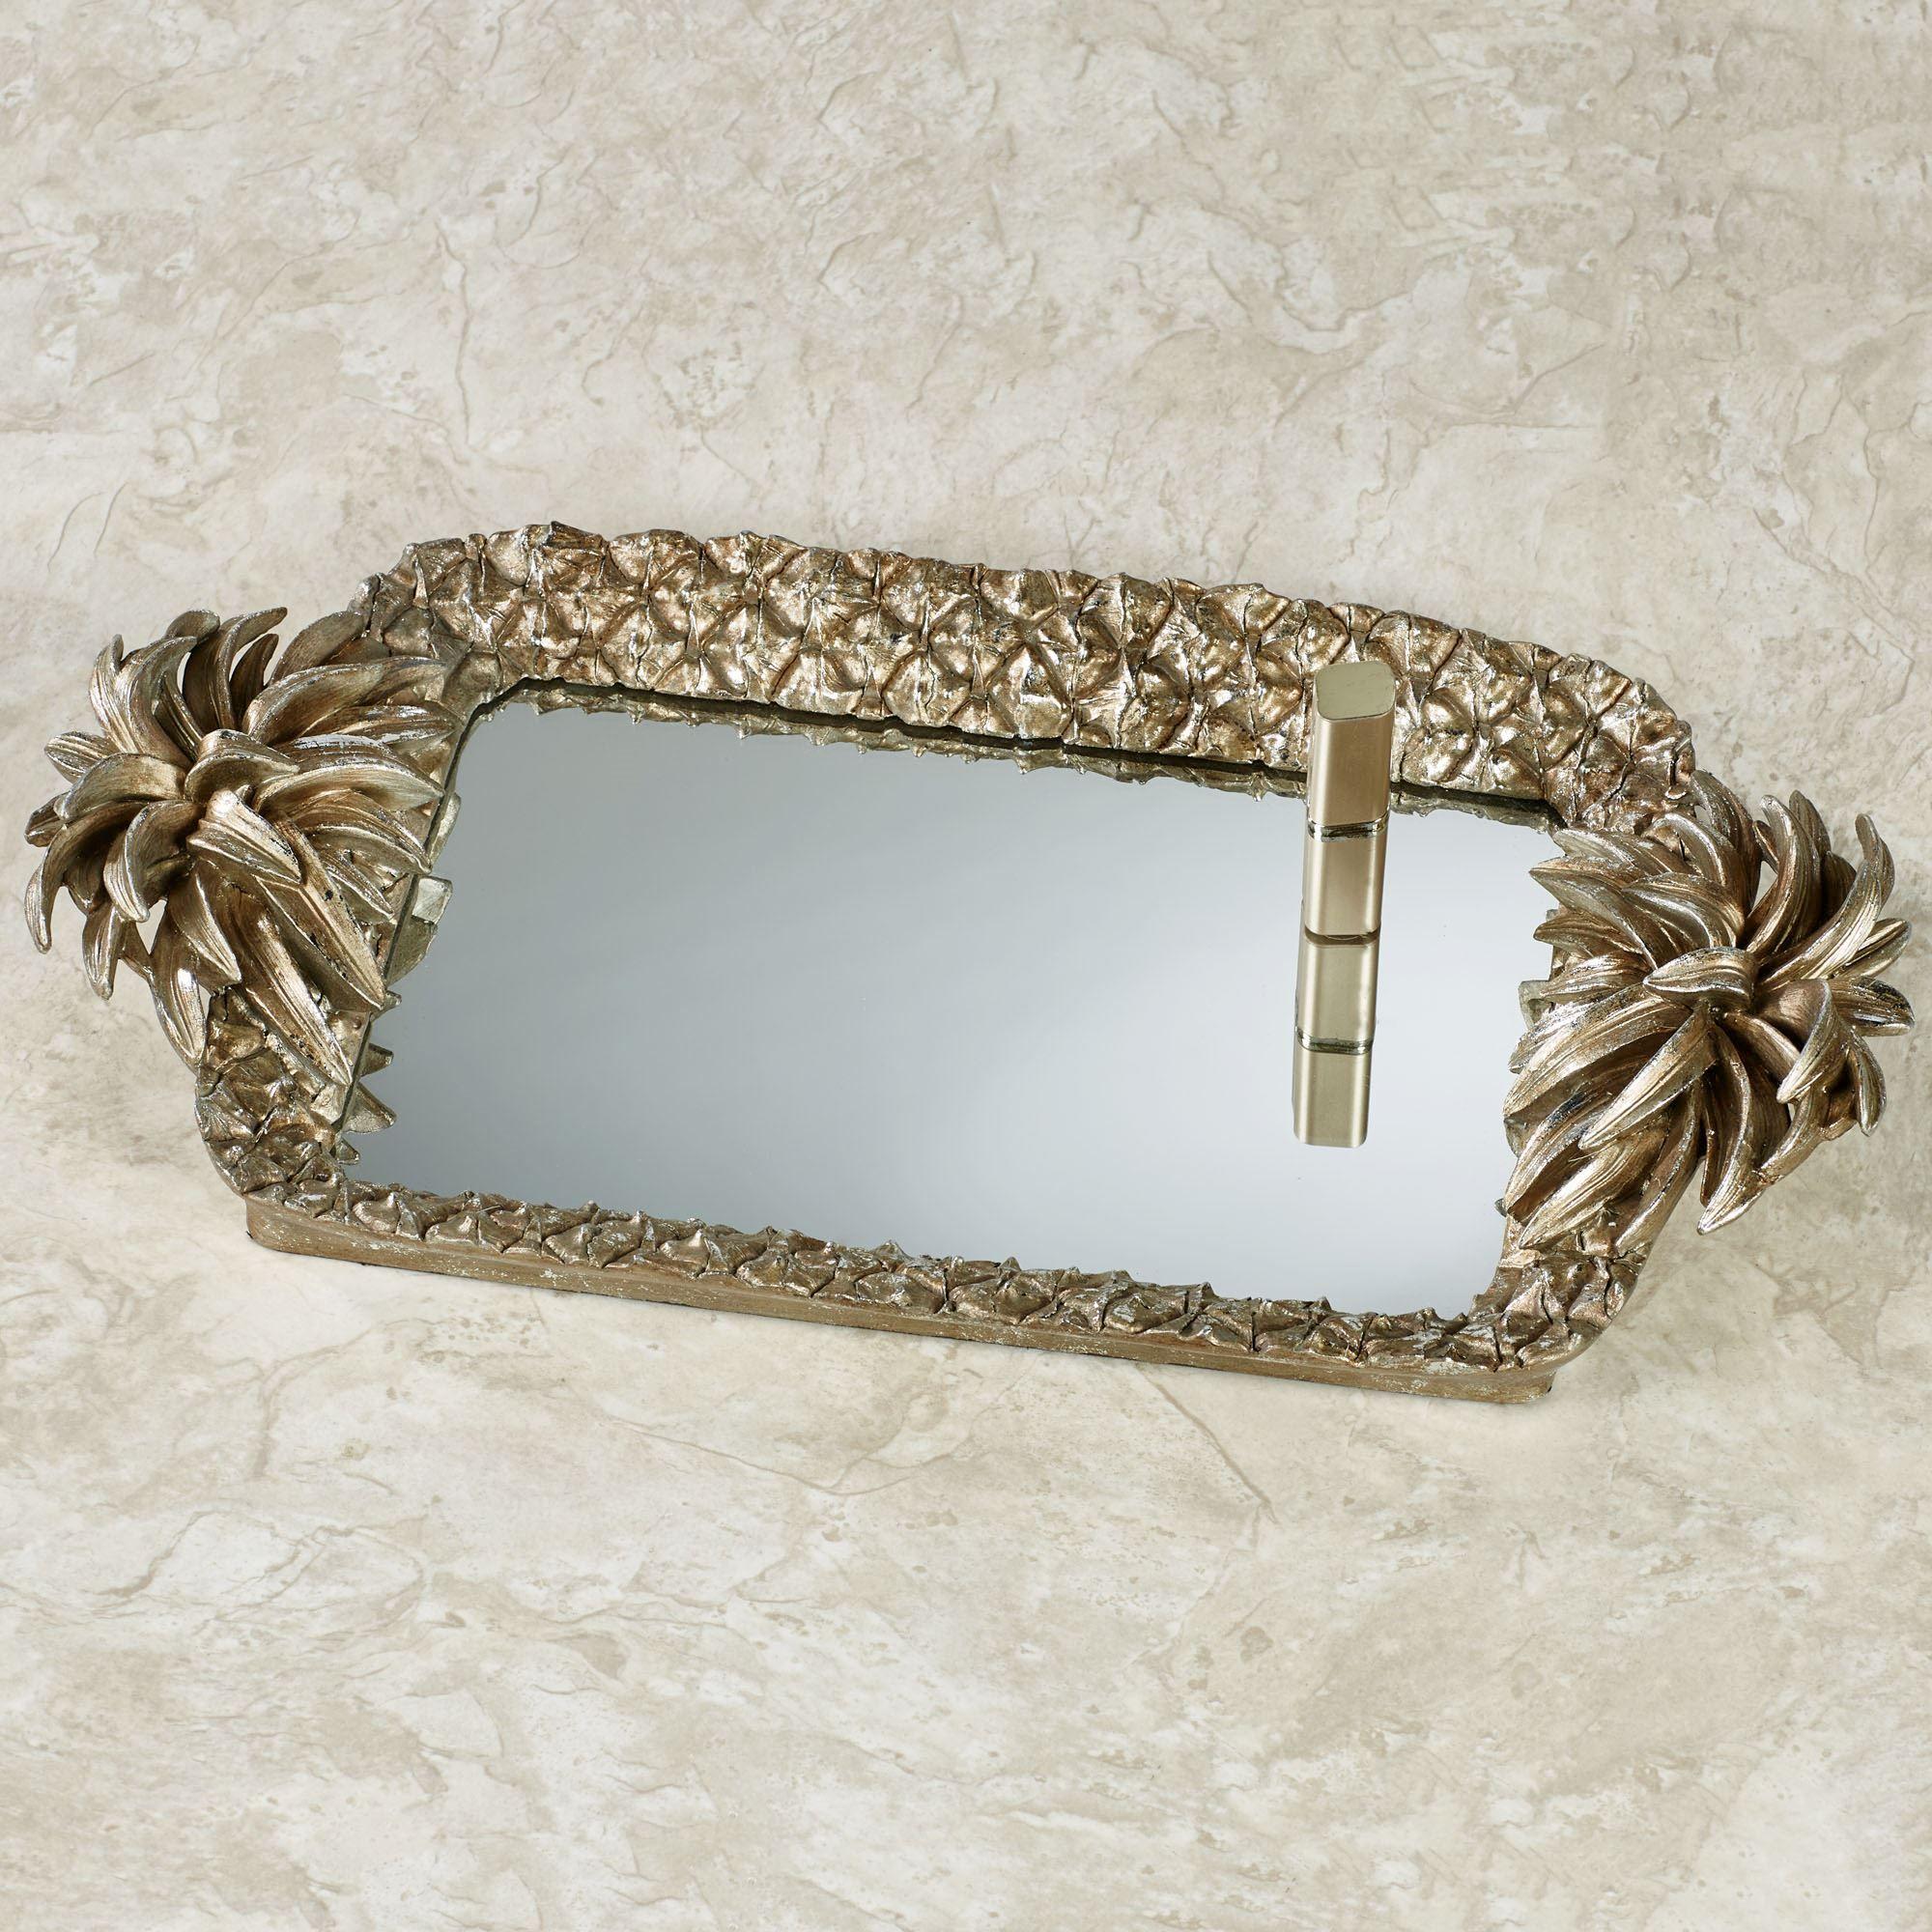 pineapple grandeur mirrored vanity tray light gold - Bathroom Accessories Vanity Tray